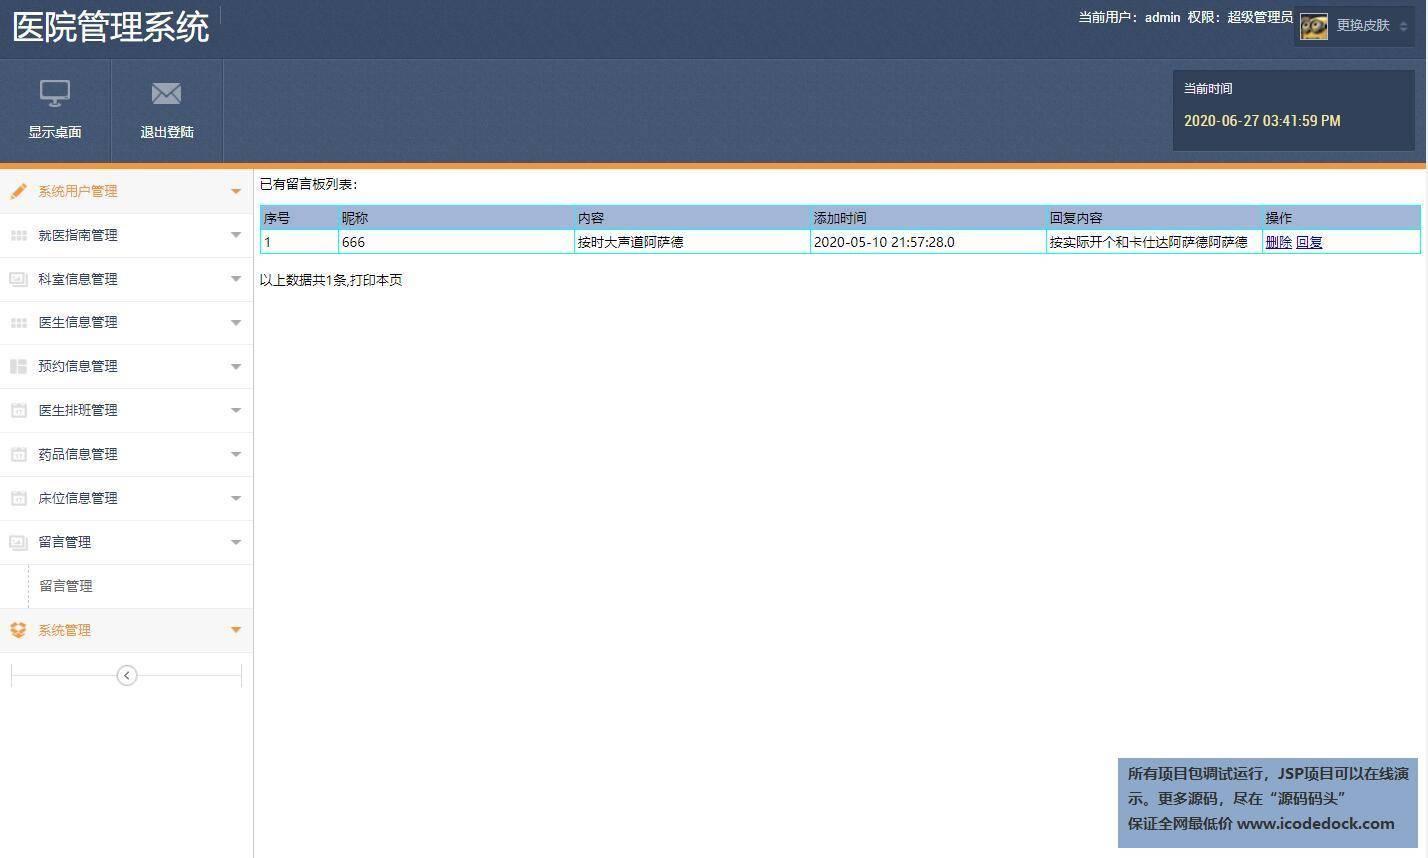 源码码头-JSP医院信息管理系统-管理员角色-留言管理